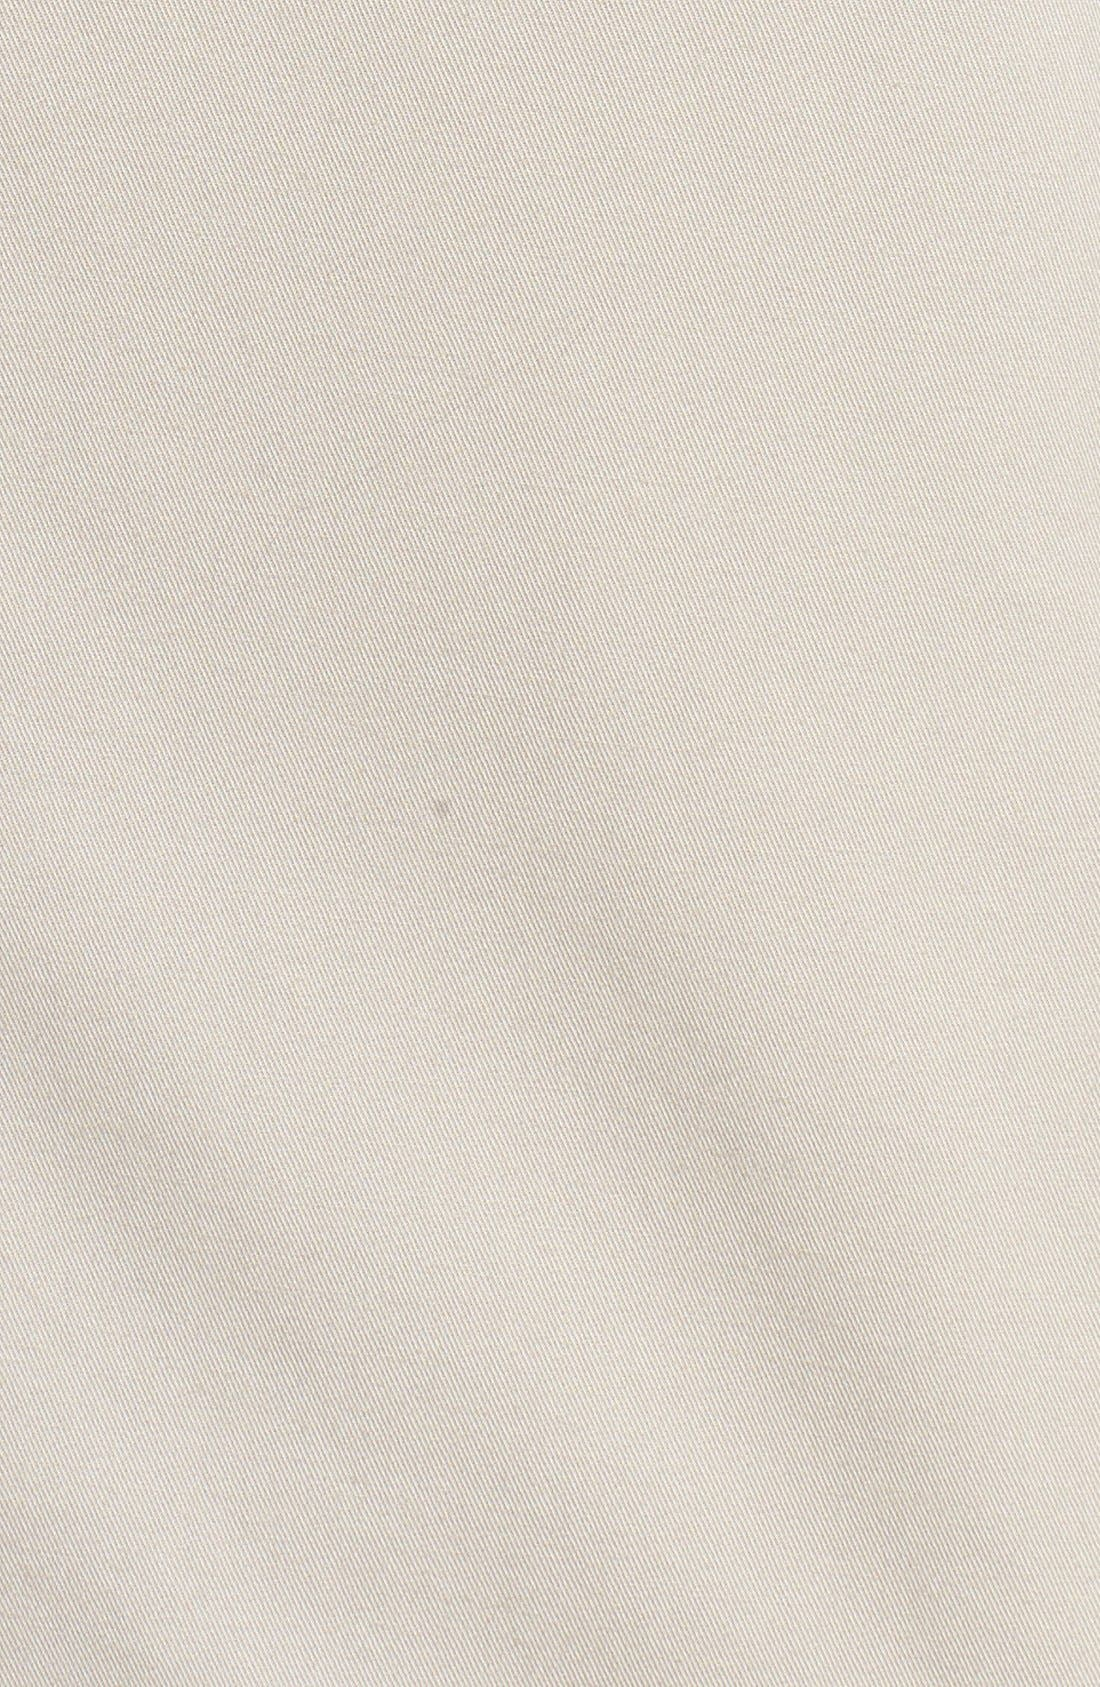 Trim Fit Stretch Cotton Blazer,                             Alternate thumbnail 5, color,                             270